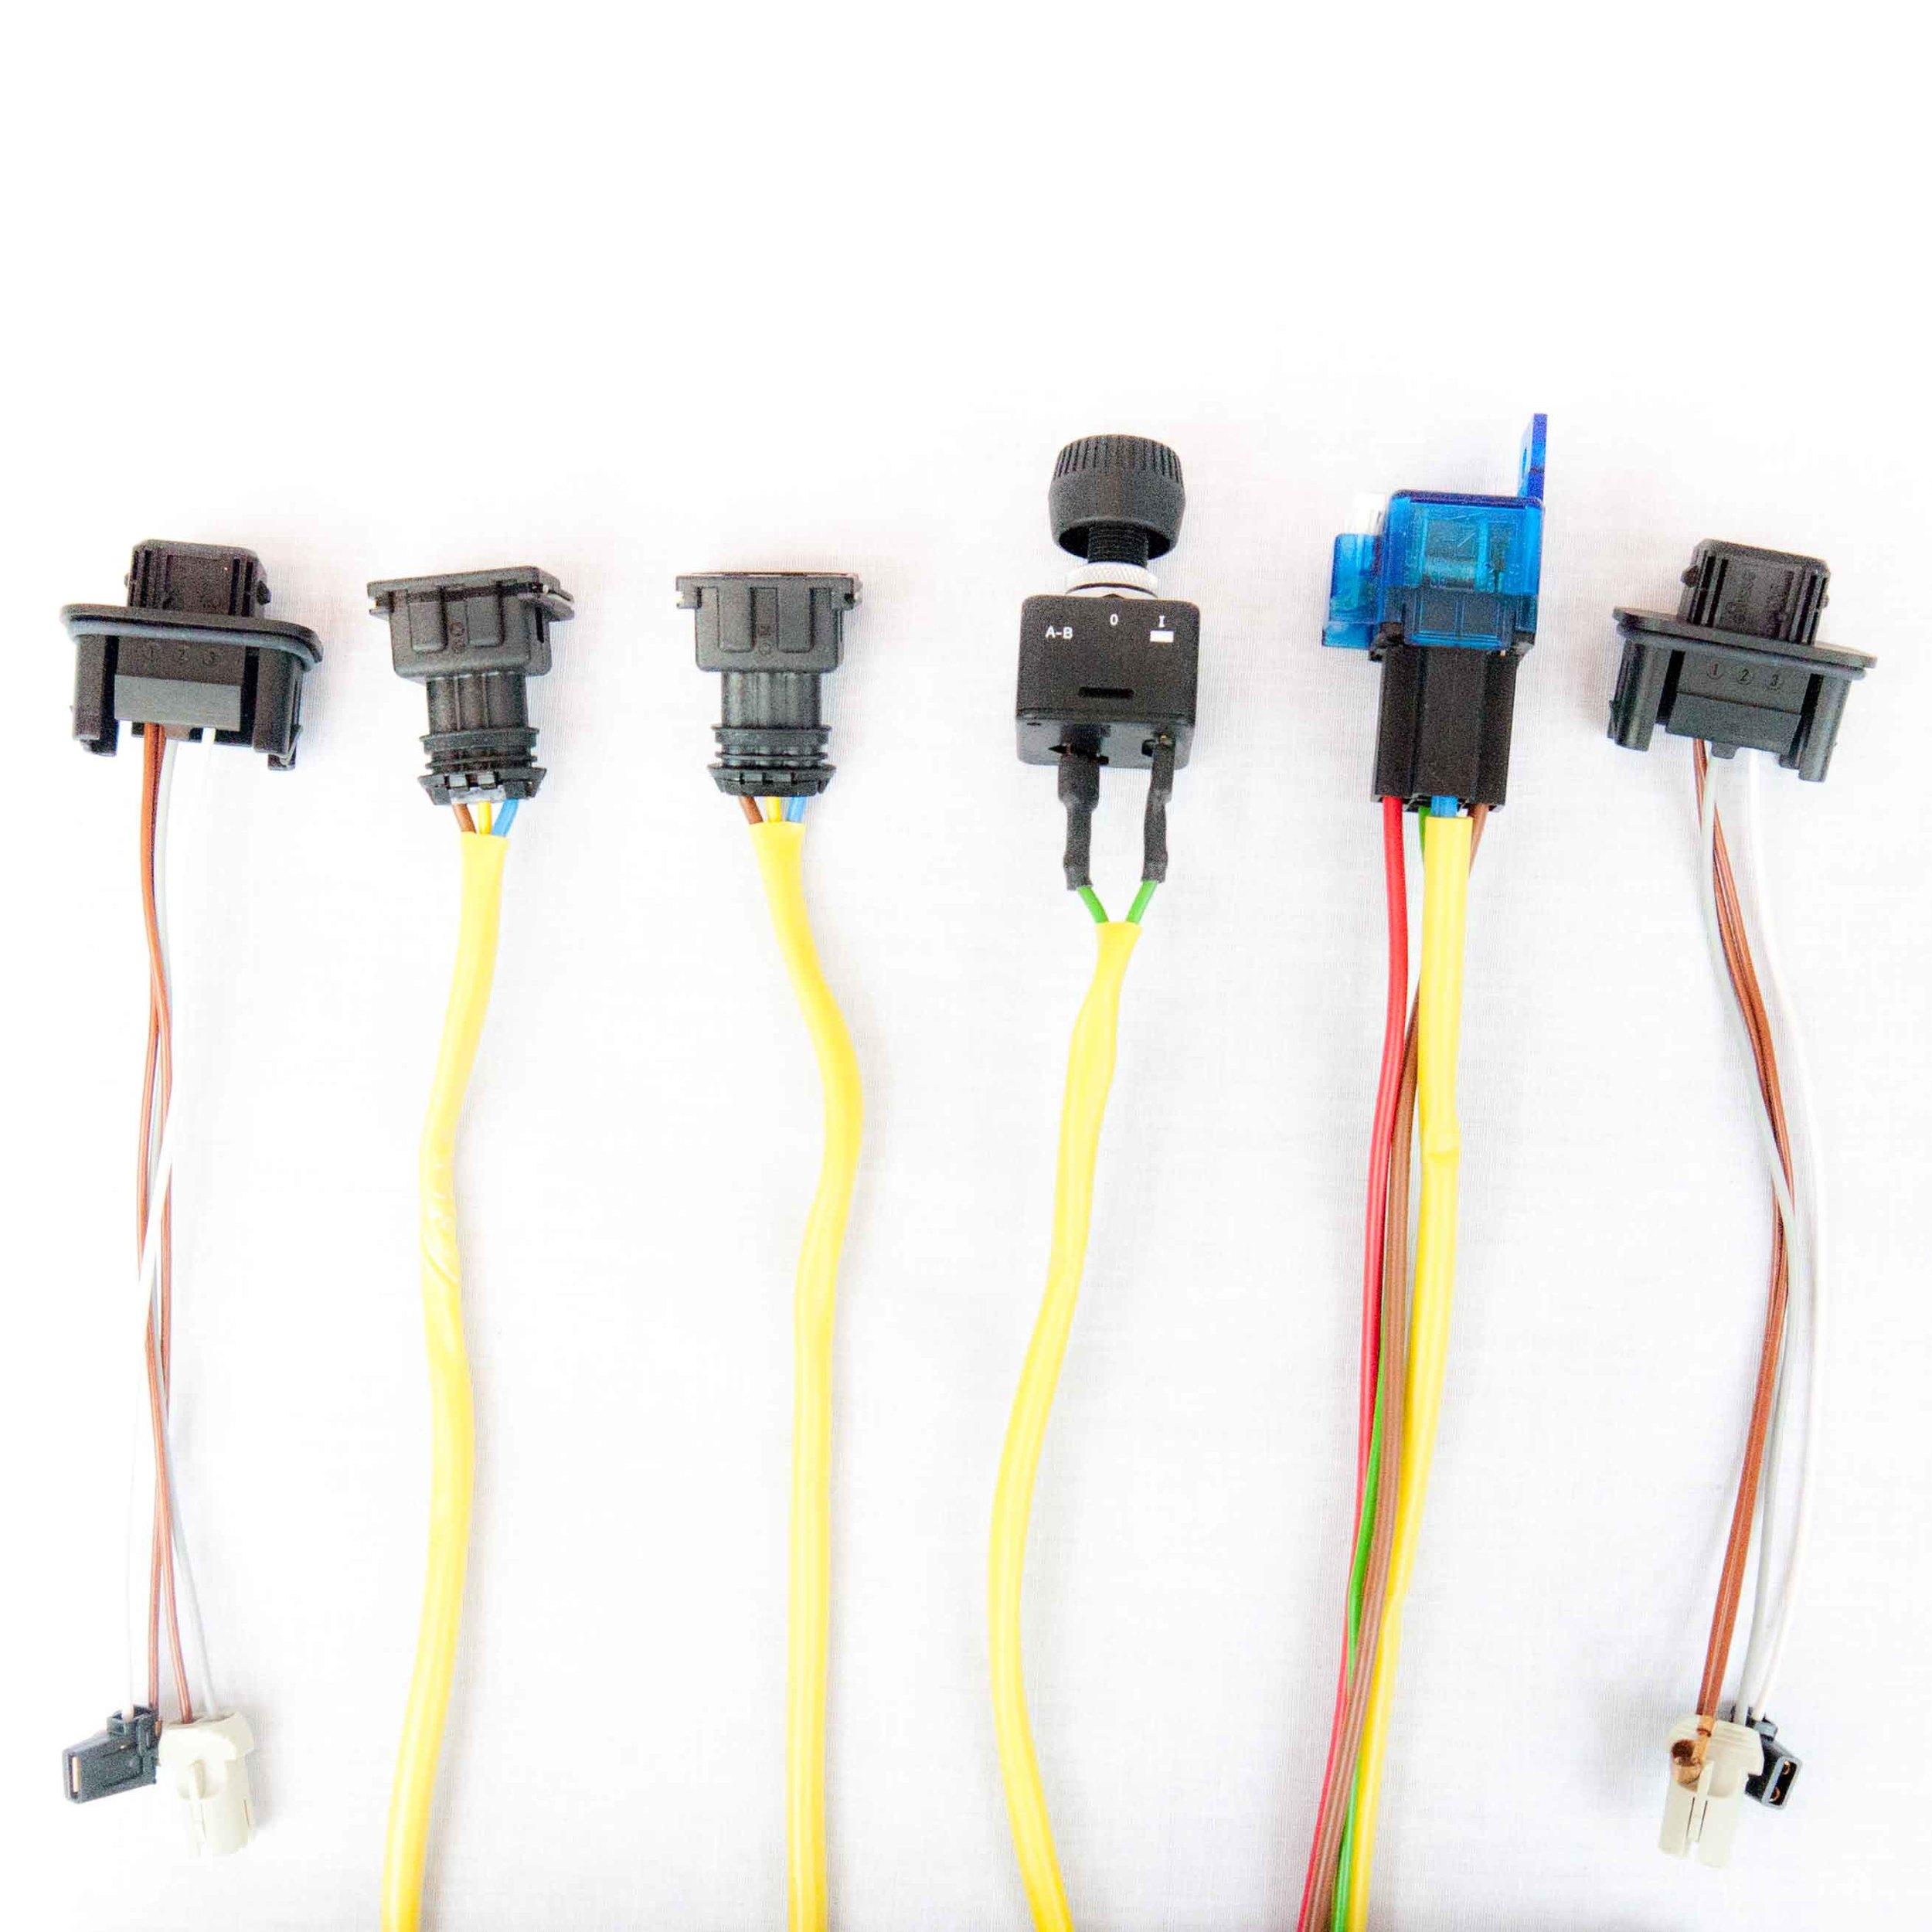 hella 148541001 rallye 4000 wiring harness 87202 partshubdirect rh partshubdirect com Hella Plugs and Sockets wiring a hella plug